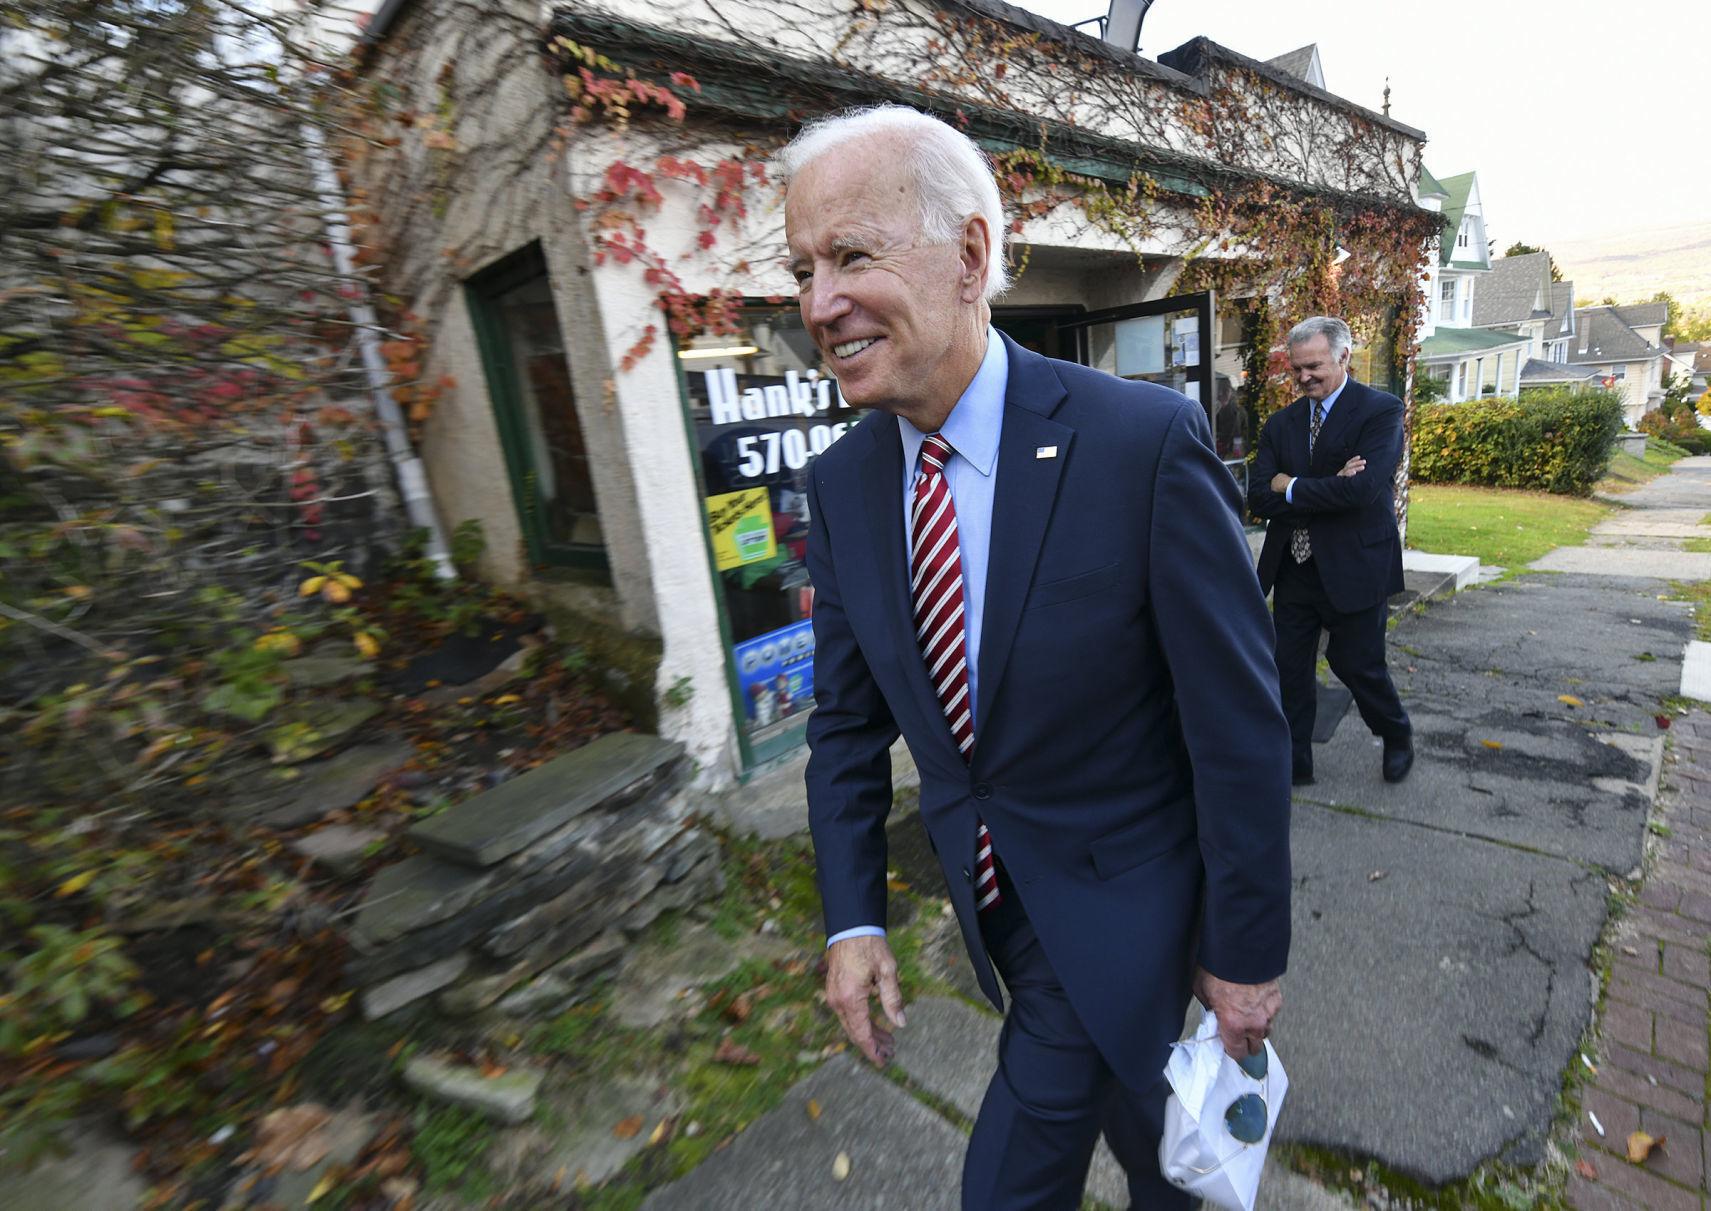 Scranton headlines new Biden-themed Pennsylvania tourist attraction